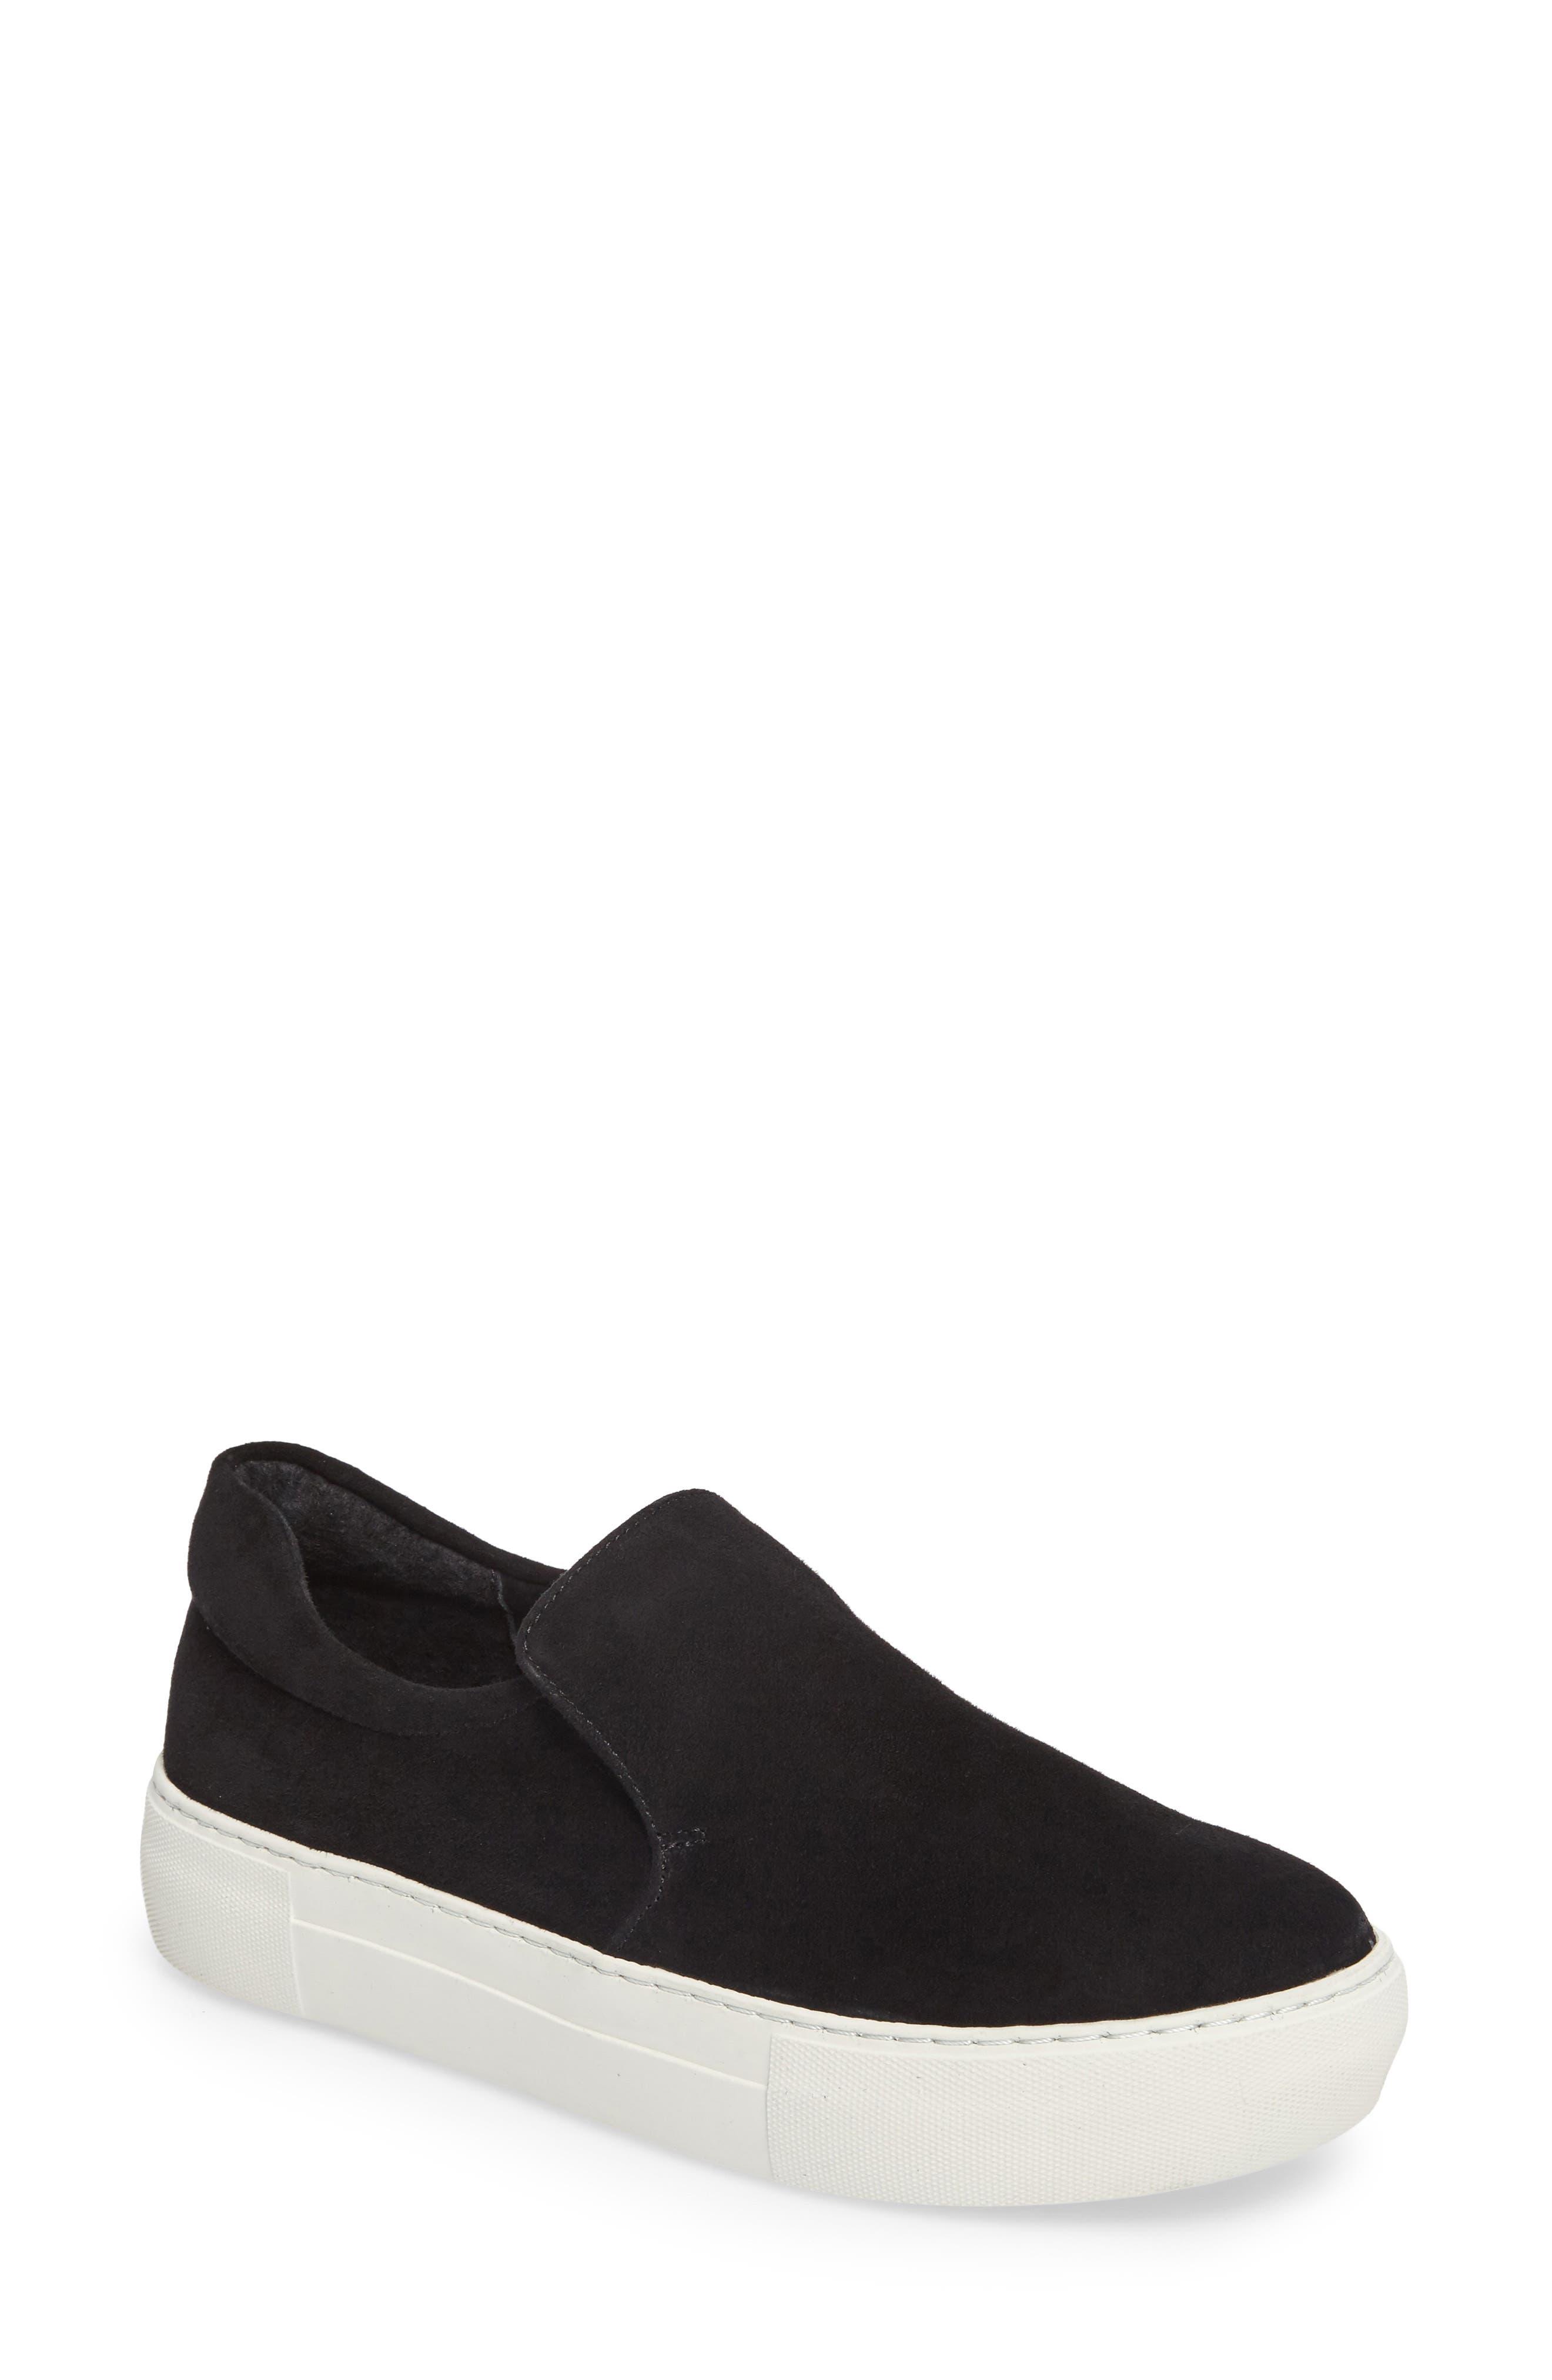 Acer Slip-On Sneaker,                         Main,                         color, BLACK SUEDE